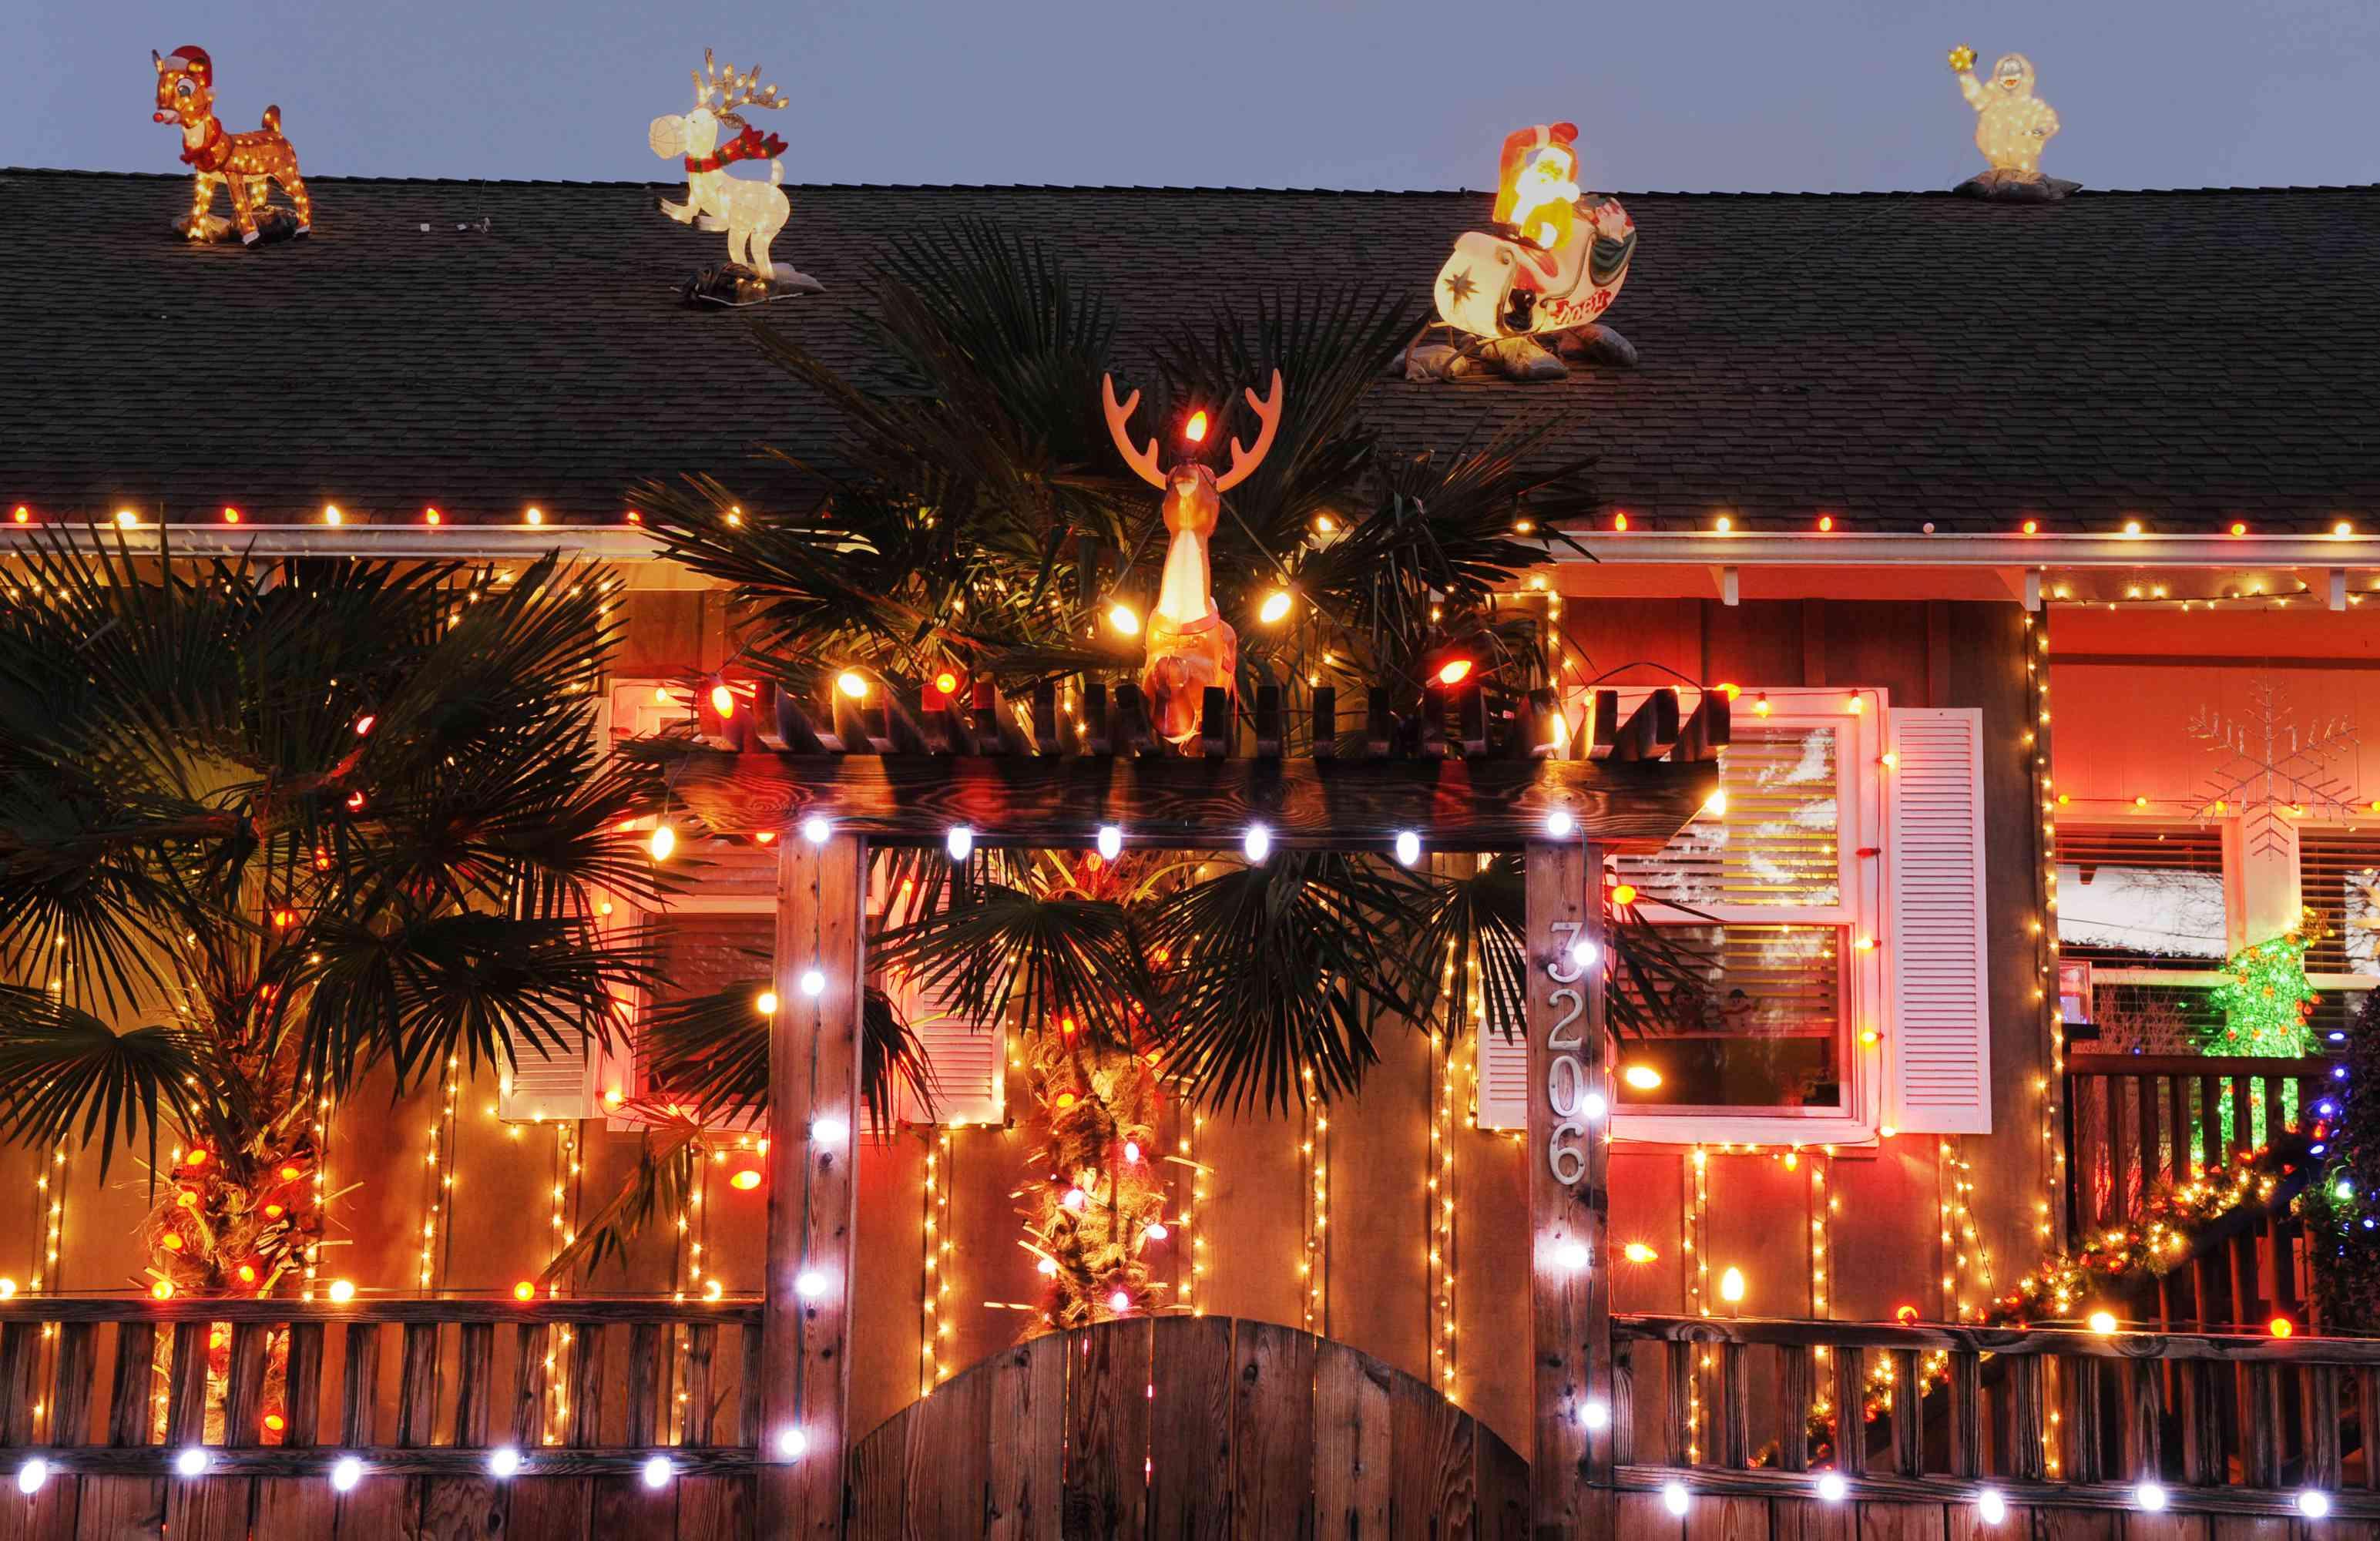 Christmas Lighting on a house